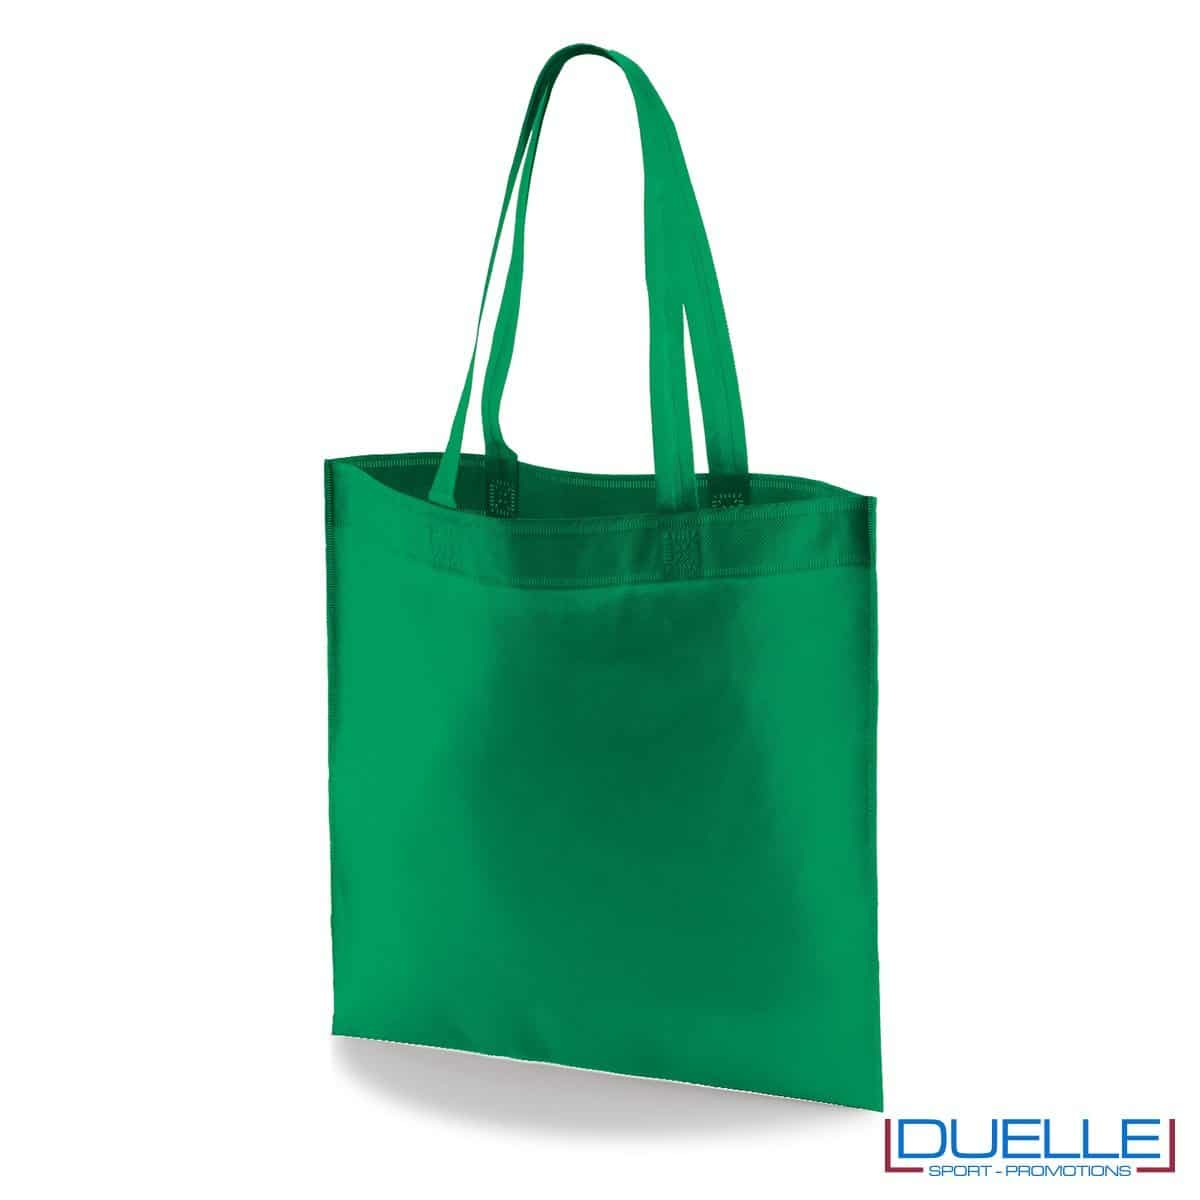 borsa shooper personalizzata in tnt termosaldato verde scuro, offerta borse promozionali in tnt economiche verde scuro